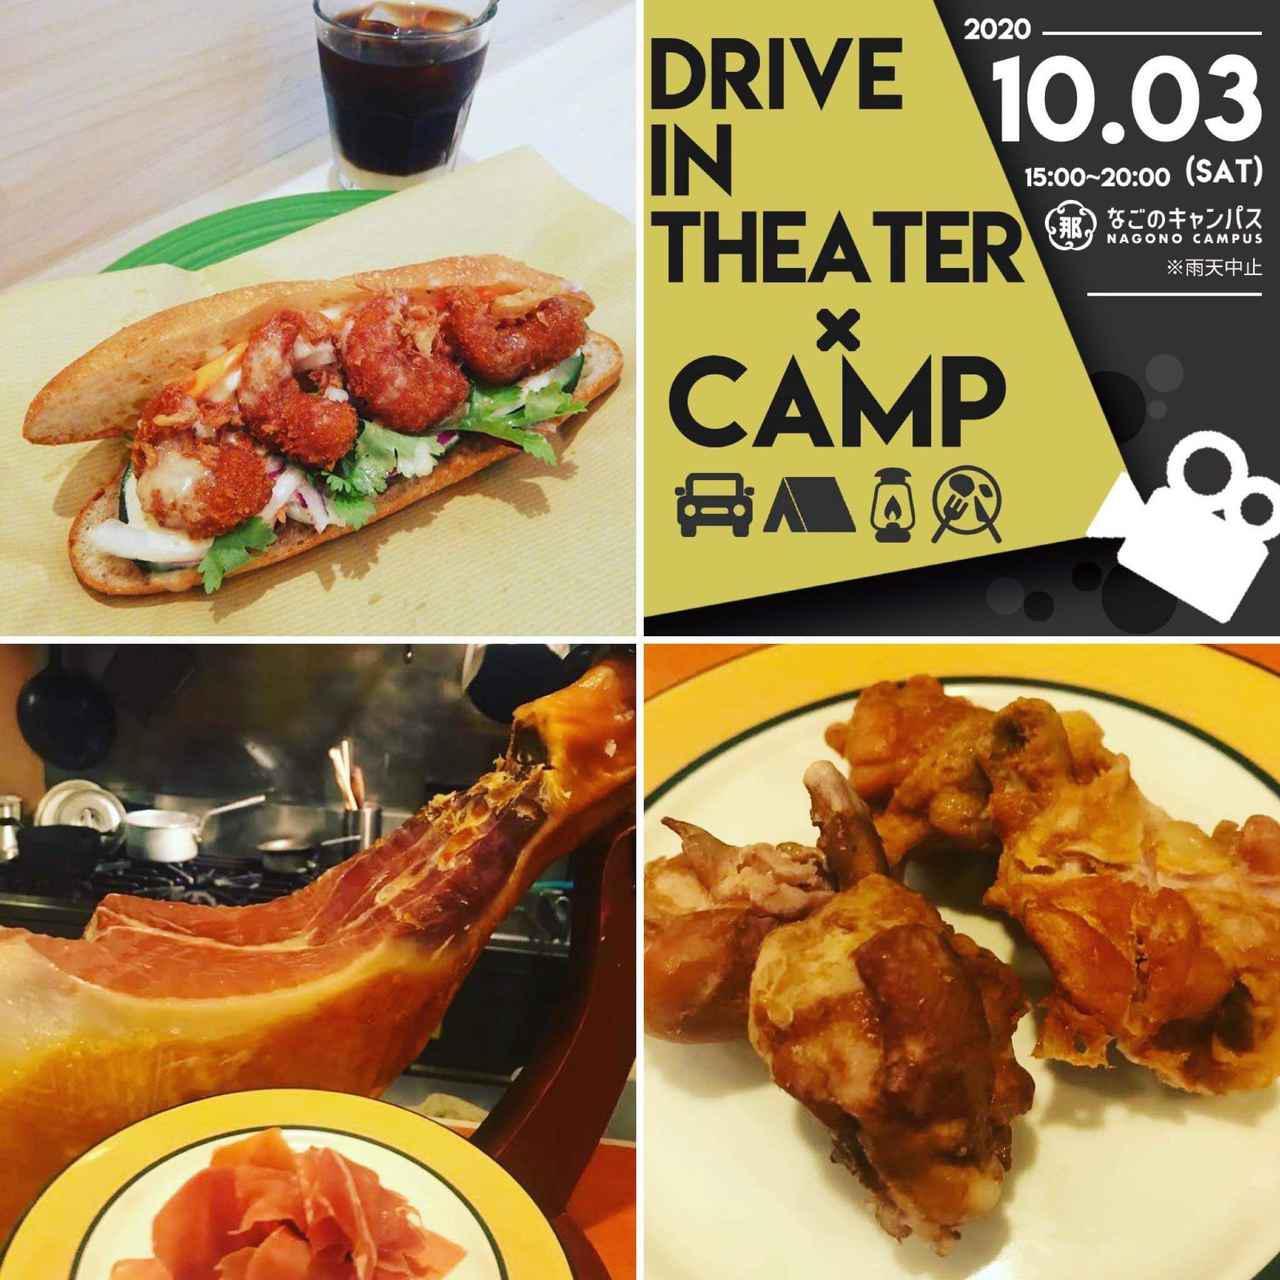 画像: ドライブインシアター×デイキャンプキャンプをしながら「映画」を楽しむイベントが名古屋で開催! - ハピキャン(HAPPY CAMPER)